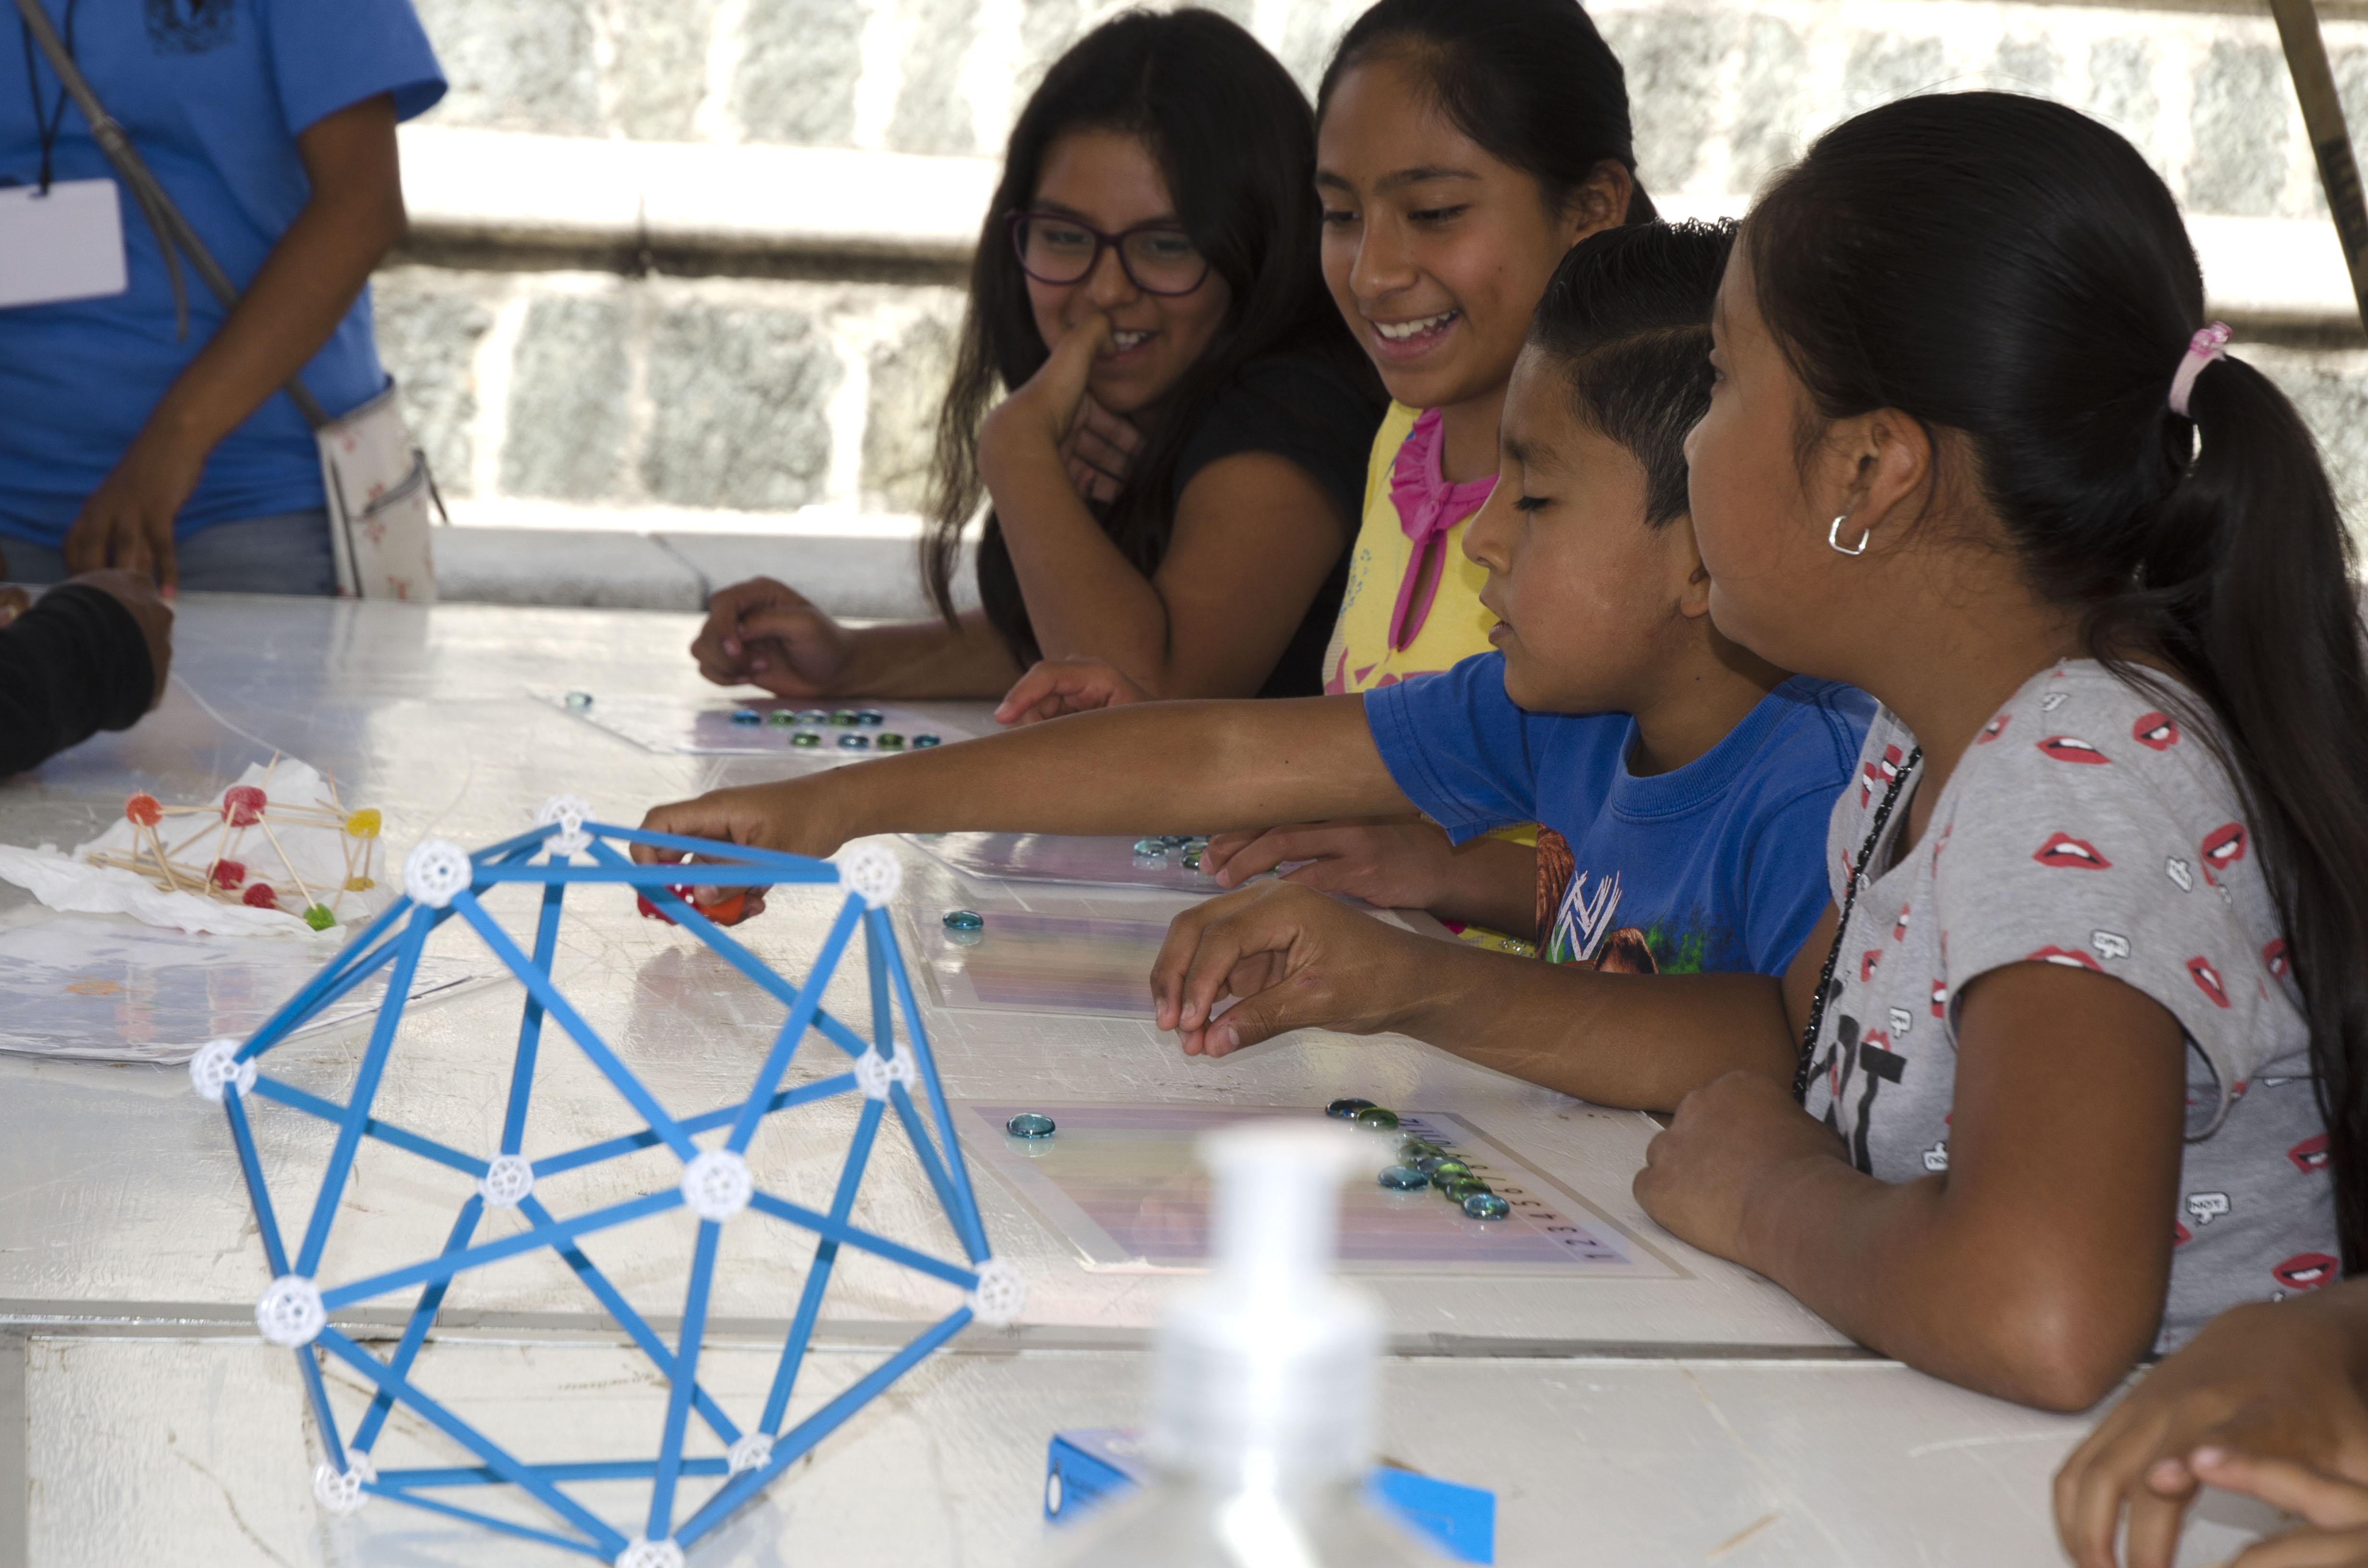 Sexto Festival Nacional del Conocimiento en Oaxaca: experiencia colectiva de divulgación de la ciencia, el arte y las humanidades